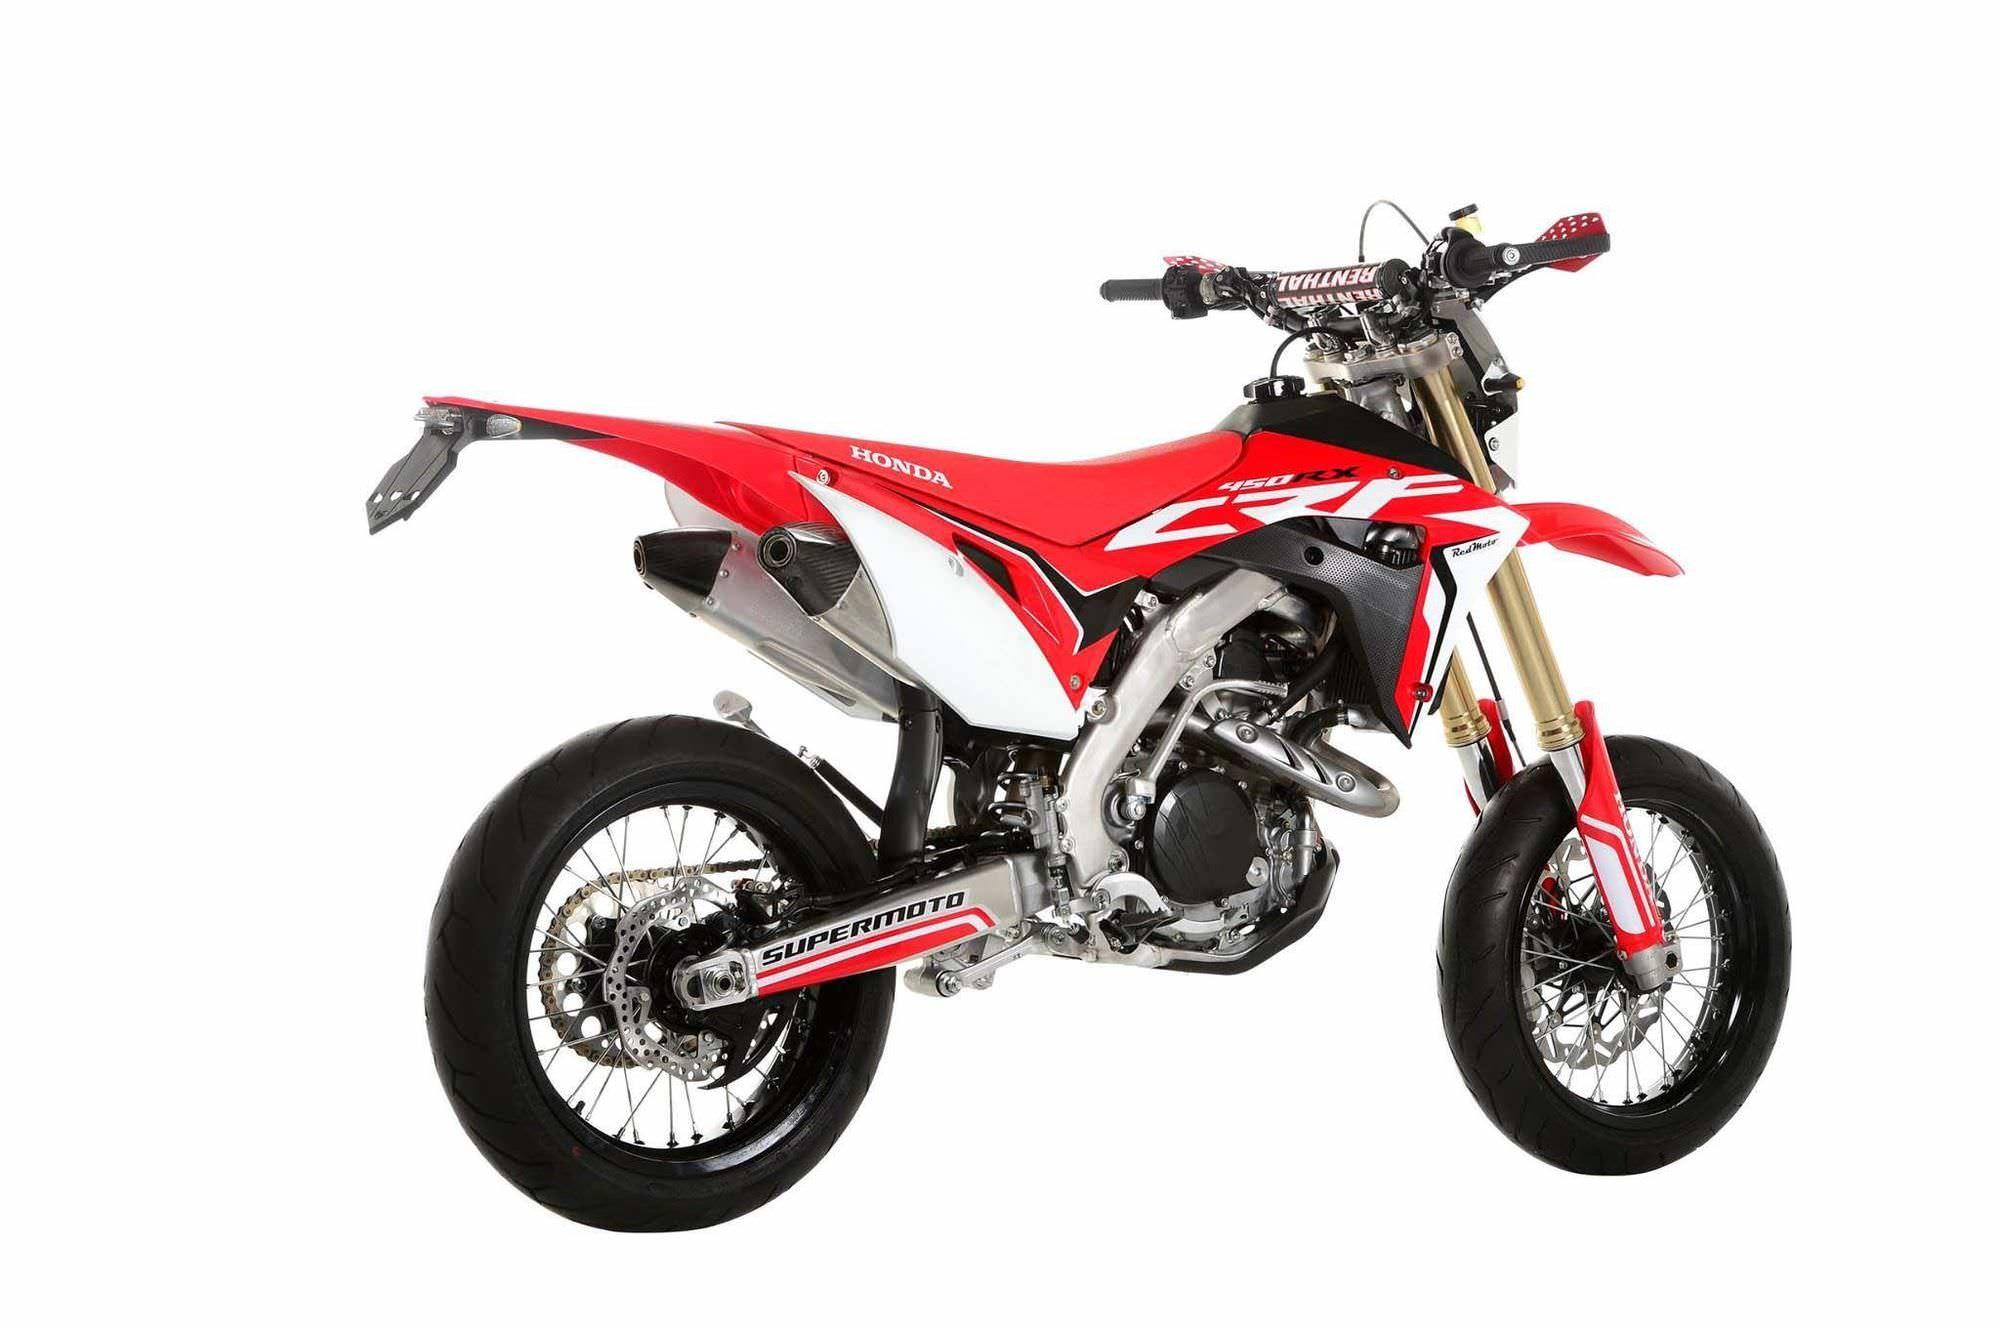 2017 Honda CRF450R SuperMoto Motard Bike / Motorcycle